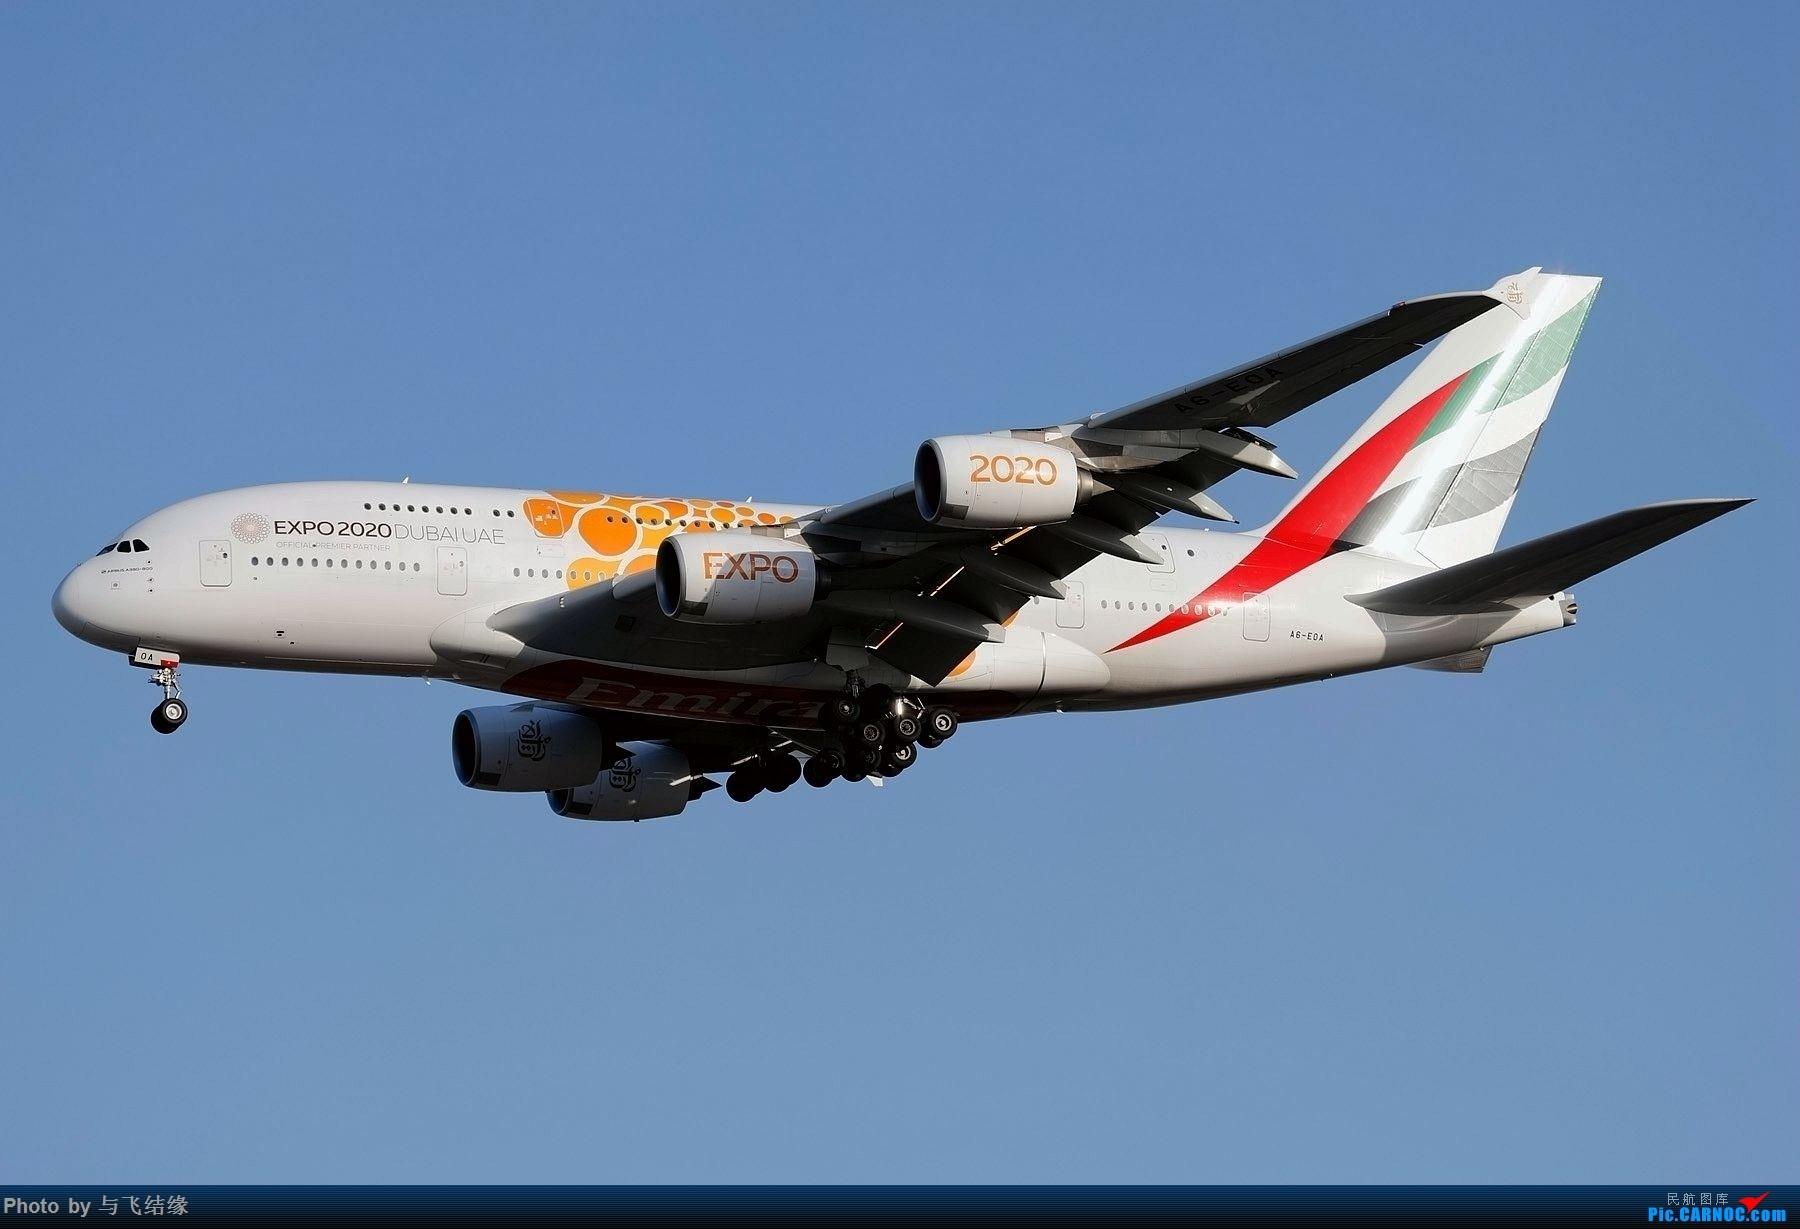 Re:[原创]今日是周末,月末,年末2018年最后一贴,预祝朋友们2019年新年快乐!万事如意! AIRBUS A380-800 A6-EOA 中国北京首都国际机场